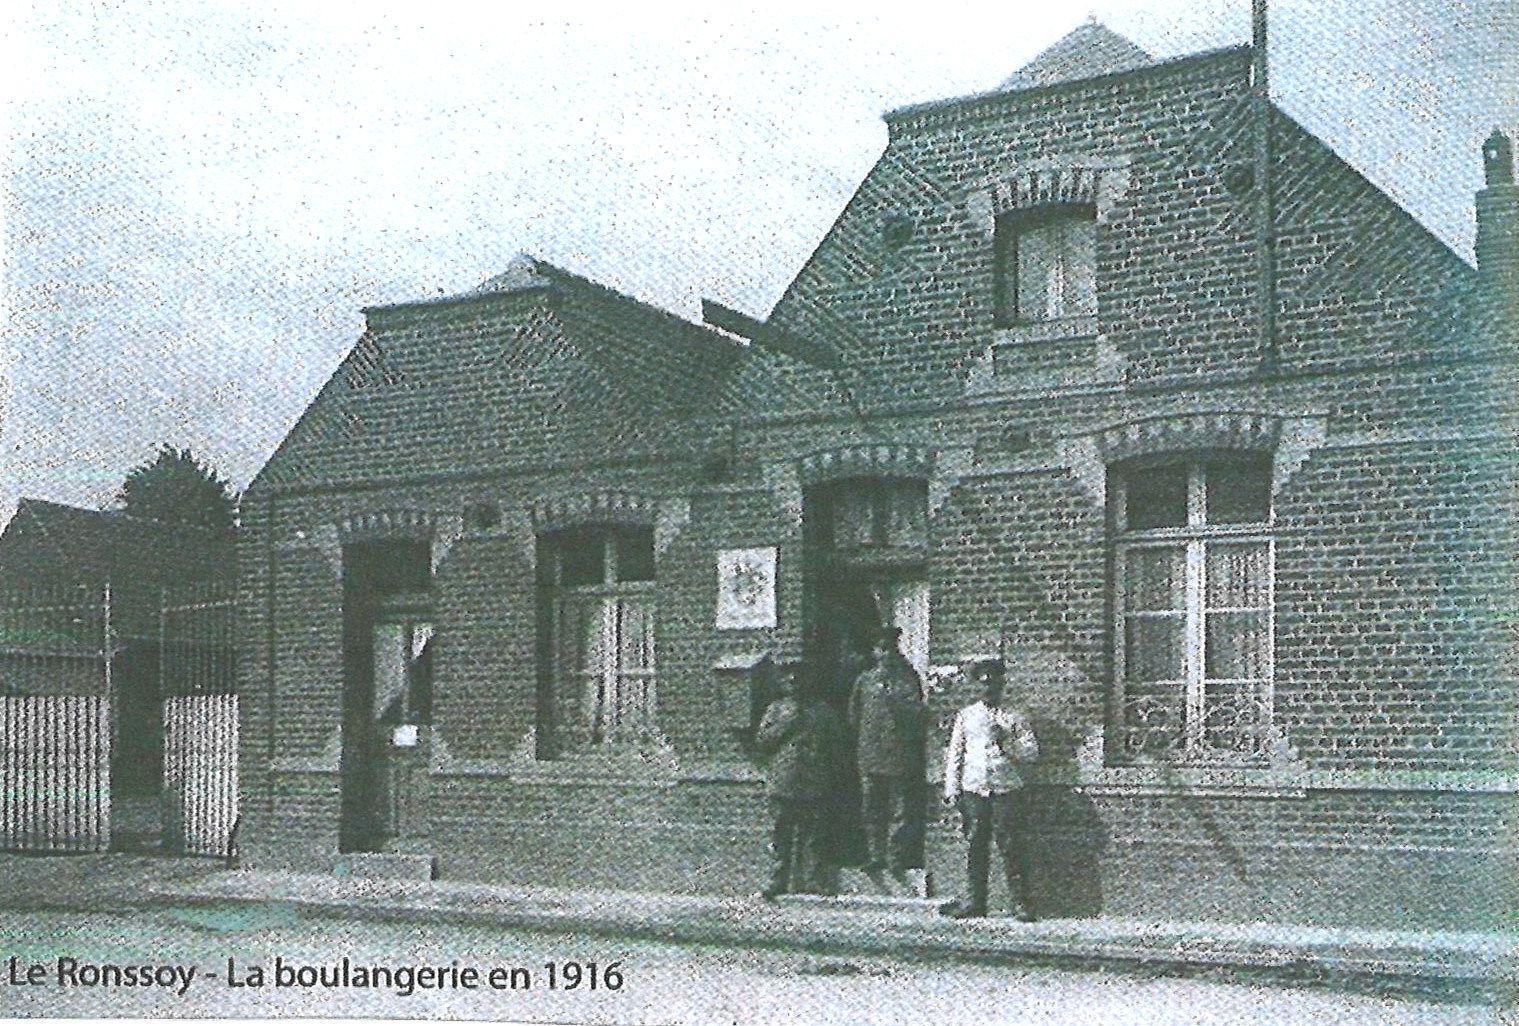 La Boulangerie en 1916